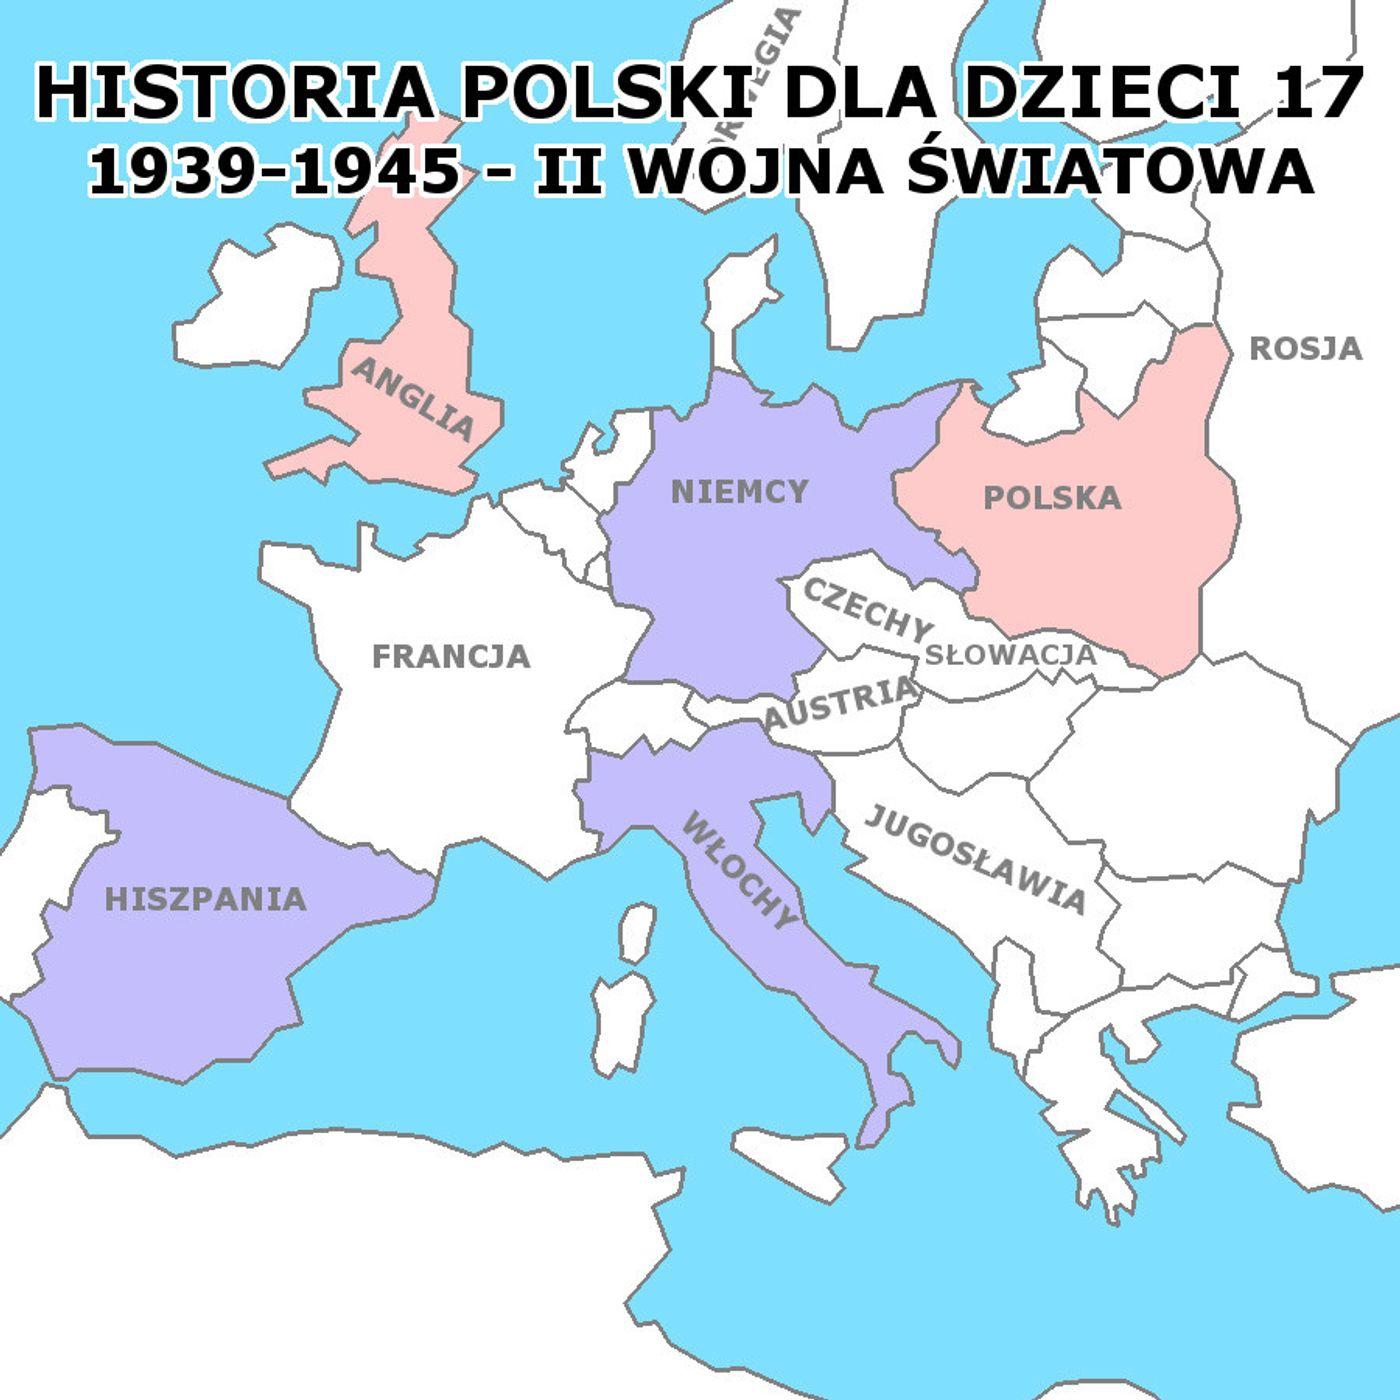 17 - 1939 II wojna światowa